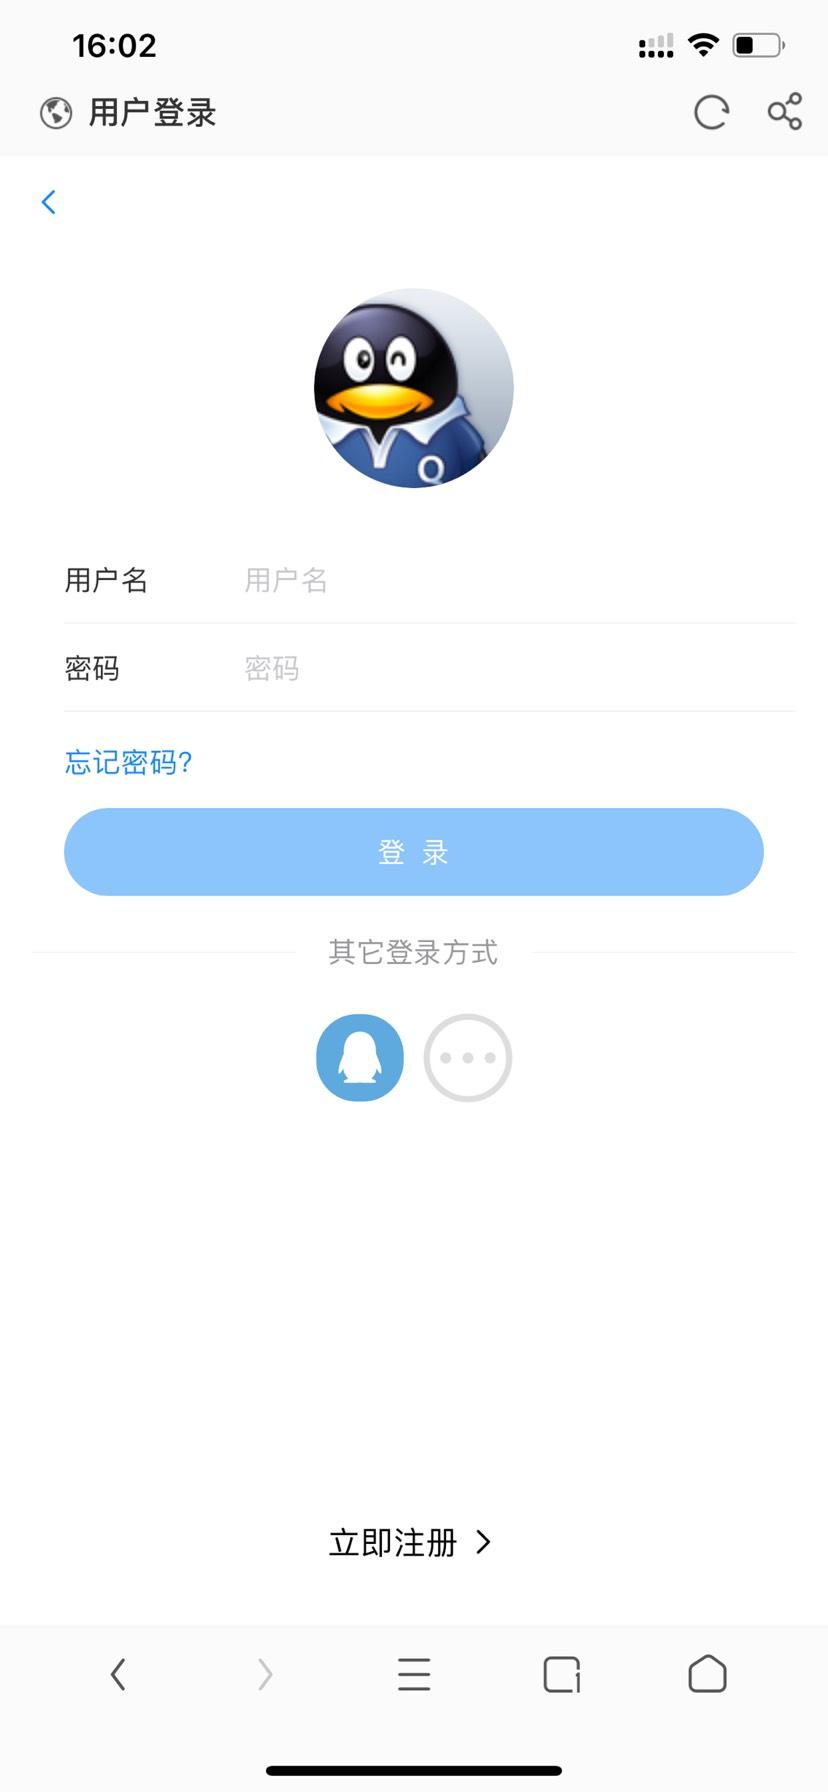 全新UIQQ免费代刷网系统